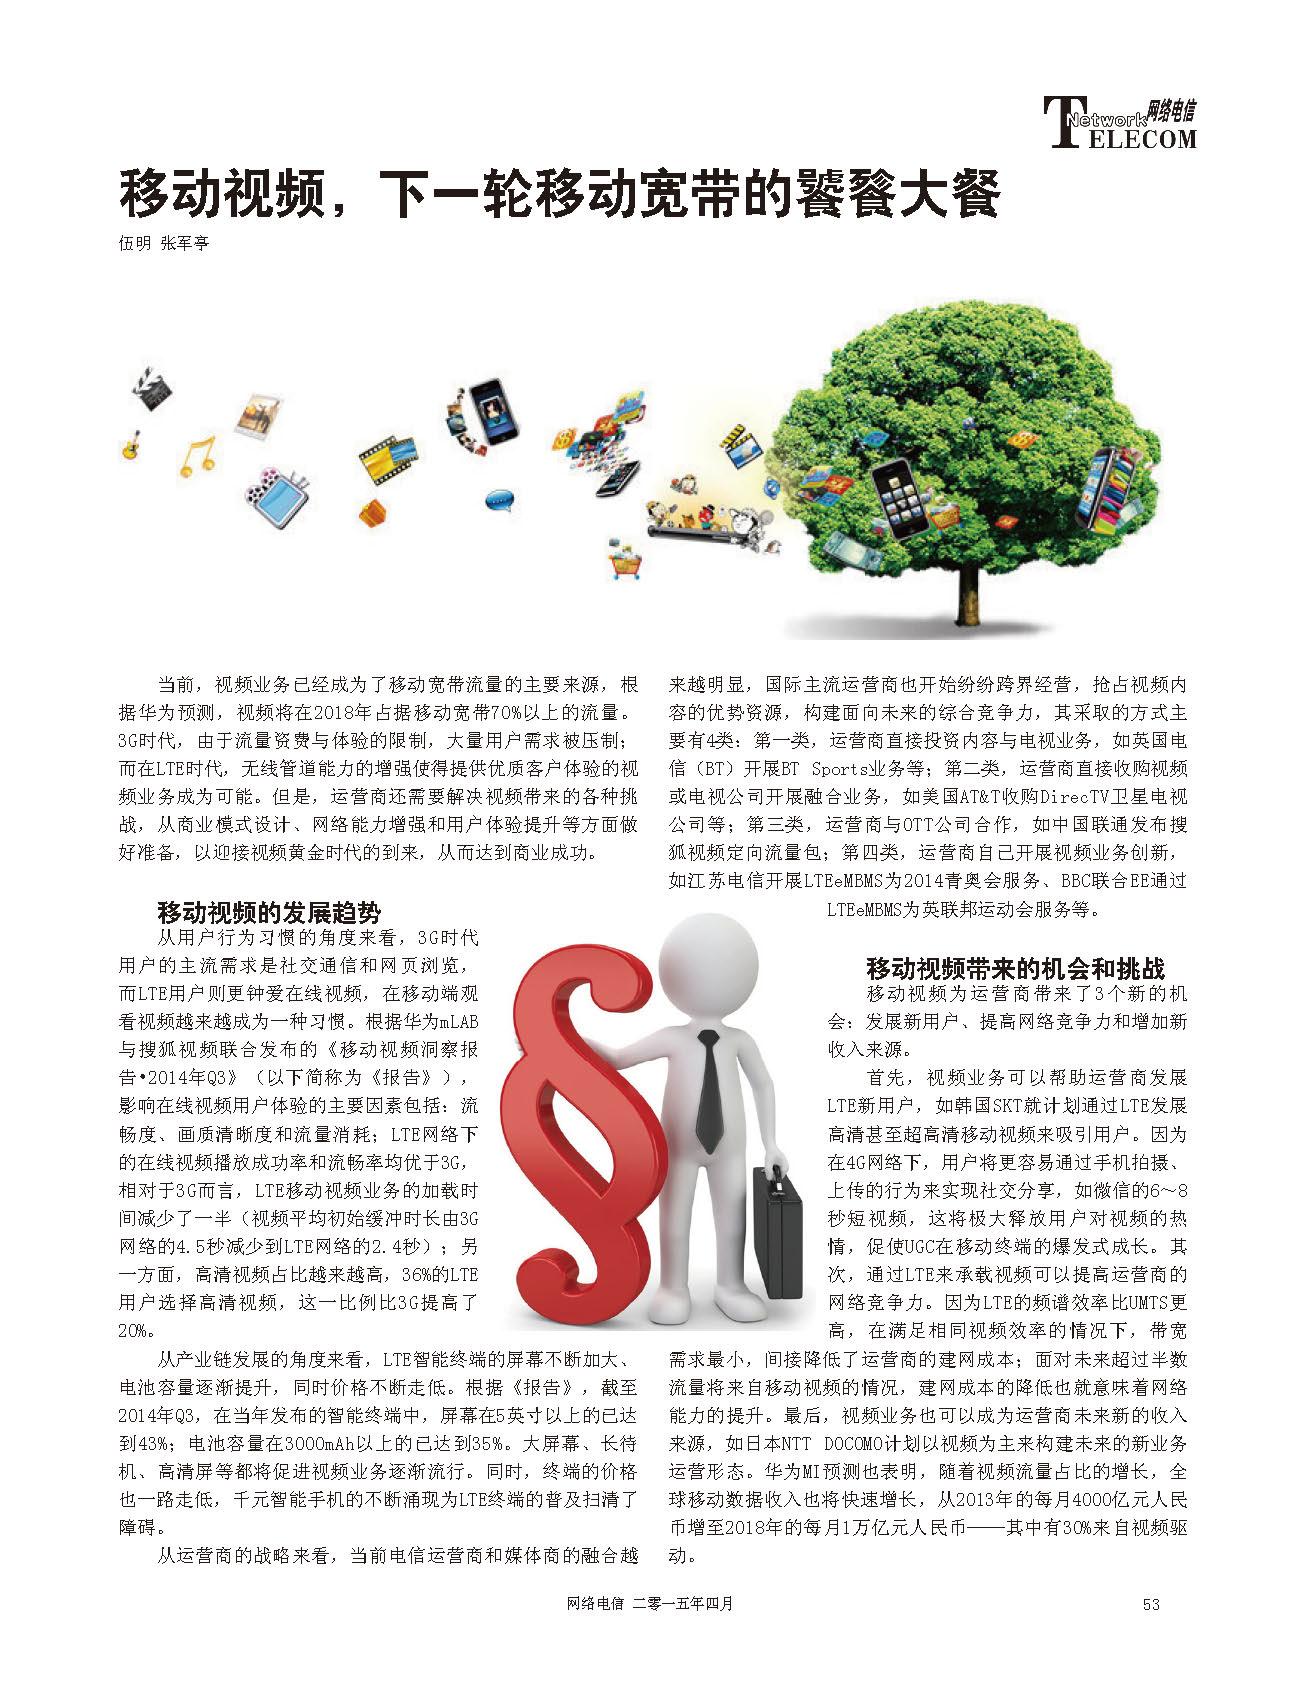 电信2015-04_页面_53.jpg